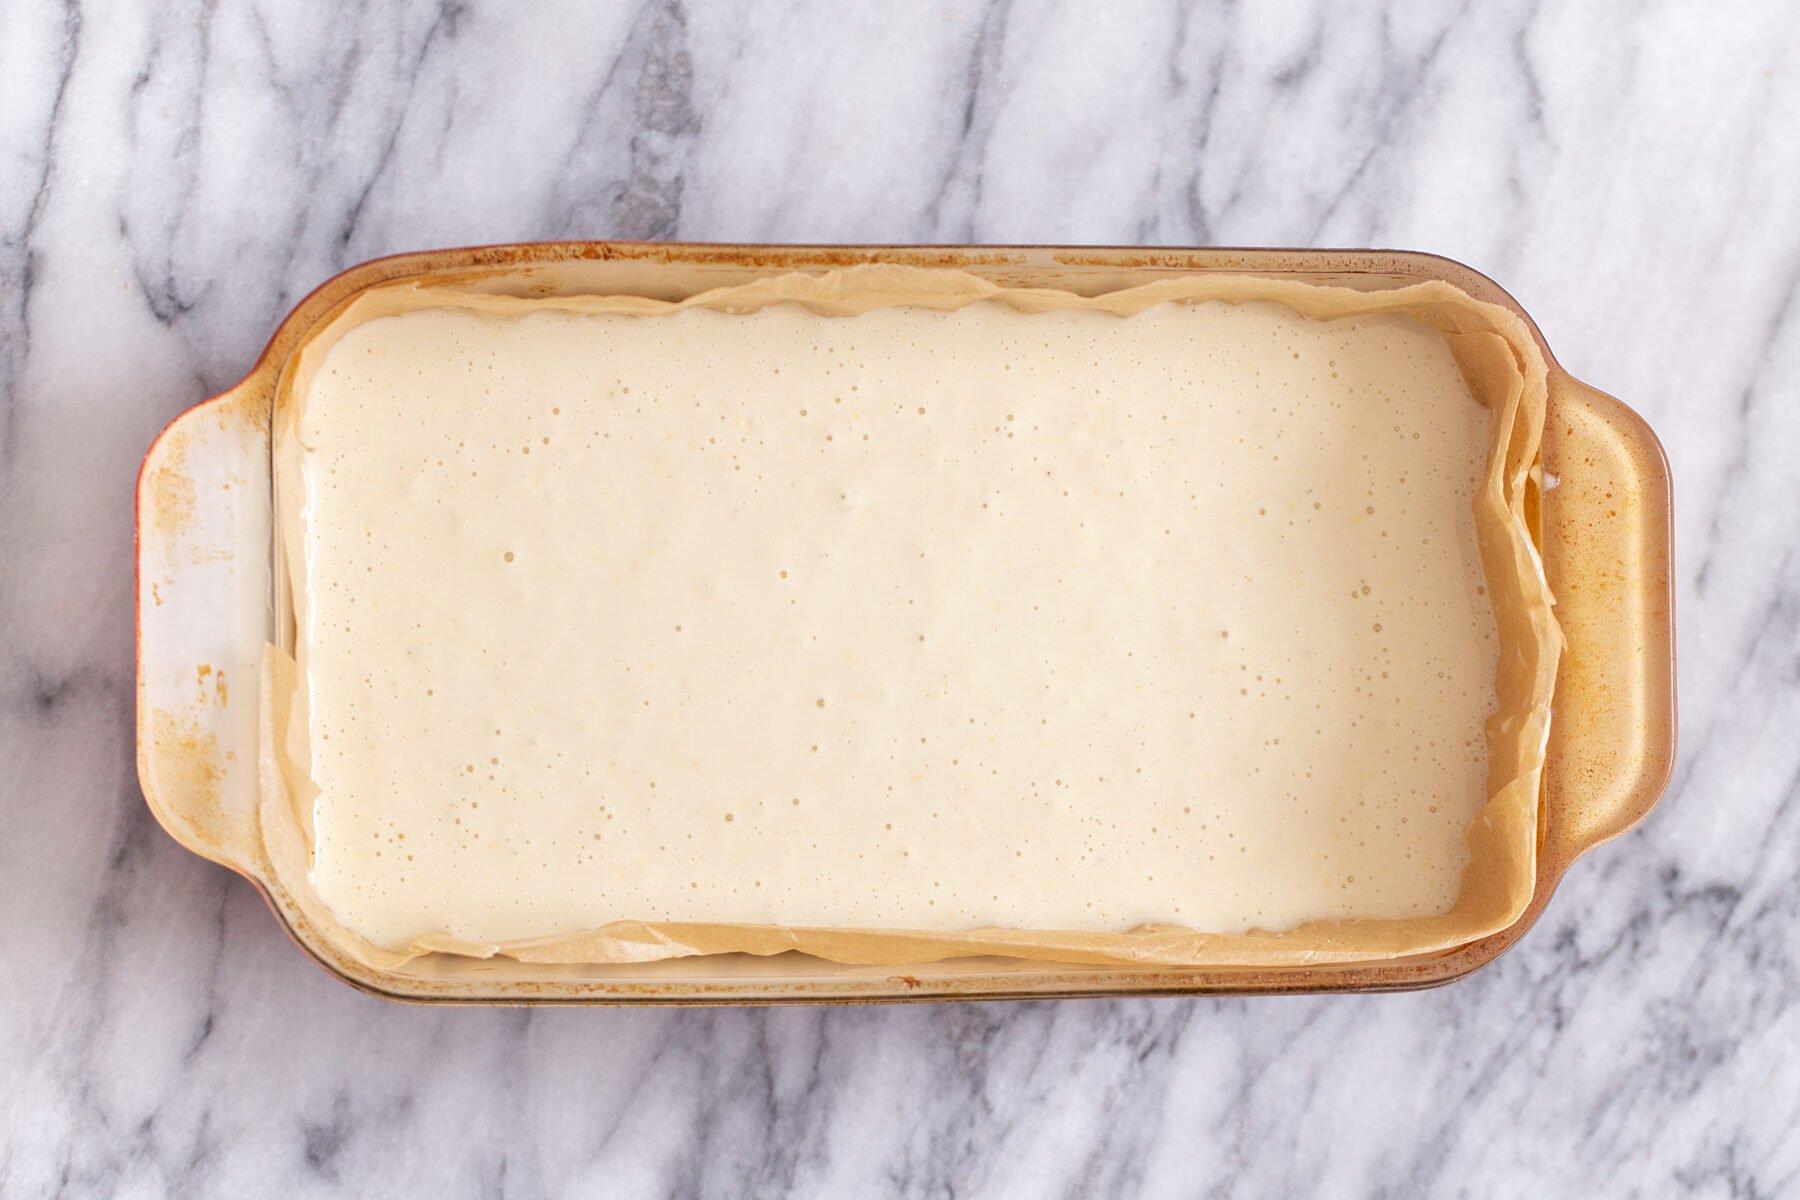 vegan lemon cream filling being poured in a pyrex loaf pan to make lemon bars